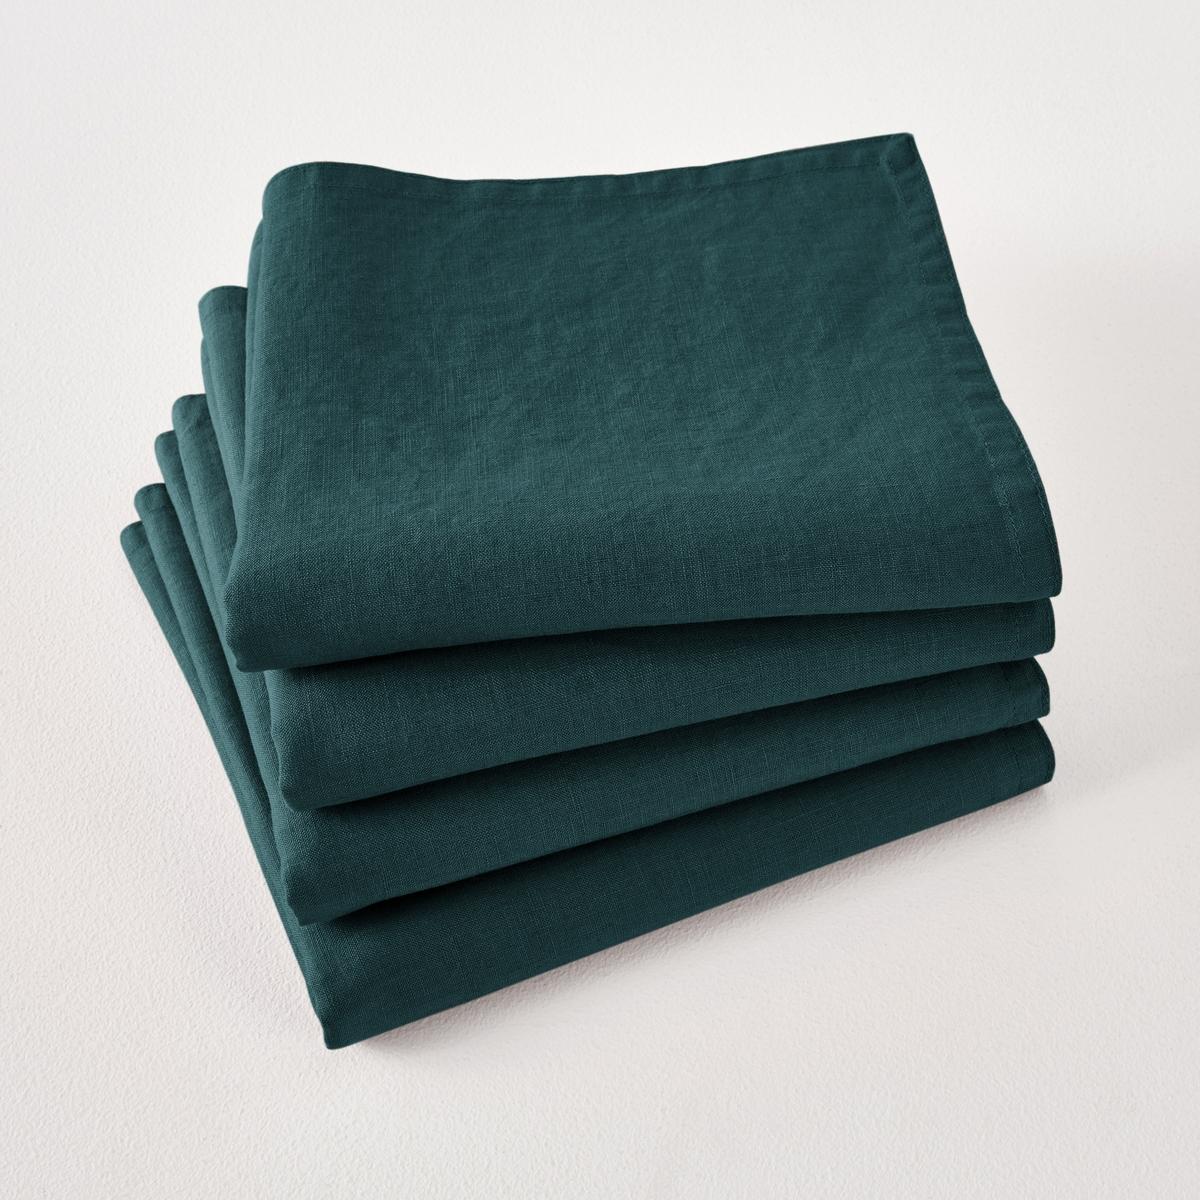 Комплект из салфеток Victorine La Redoute Из осветленного льна 45 x 45 см зеленый цены